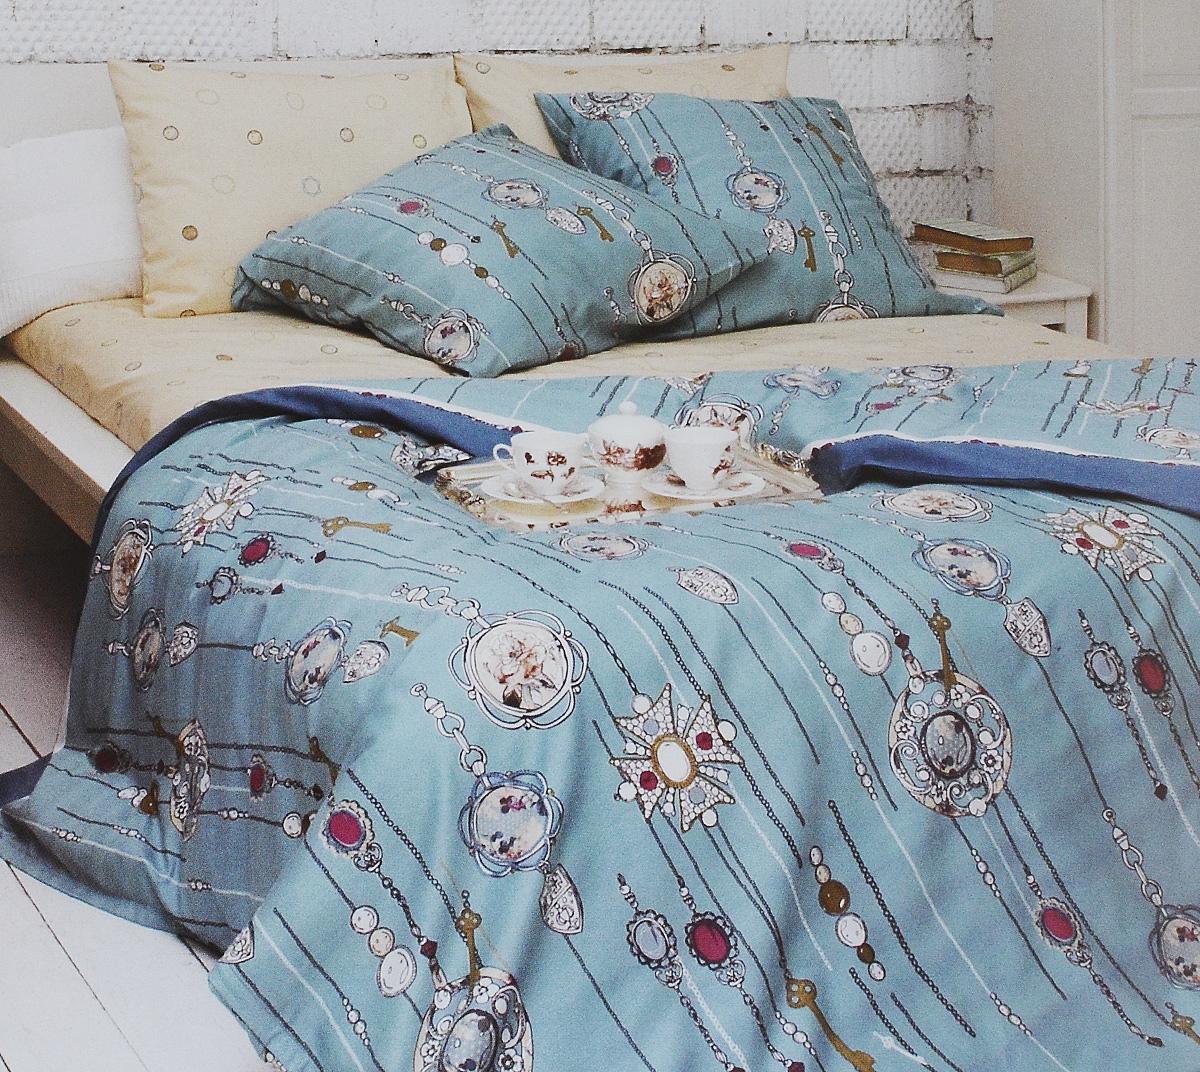 Комплект белья Tiffanys Secret, 1,5-спальный, наволочки 50х70, цвет: бирюзовый, белый, бежевый2040815157Комплект постельного белья Tiffanys Secret является экологически безопасным для всей семьи, так как выполнен из сатина (100% хлопок). Комплект состоит из пододеяльника, простыни и двух наволочек. Предметы комплекта оформлены оригинальным рисунком.Благодаря такому комплекту постельного белья вы сможете создать атмосферу уюта и комфорта в вашей спальне.Сатин - это ткань, навсегда покорившая сердца человечества. Ценившие роскошь персы называли ее атлас, а искушенные в прекрасном французы - сатин. Секрет высококачественного сатина в безупречности всего технологического процесса. Эту благородную ткань делают только из отборной натуральной пряжи, которую получают из самого лучшего тонковолокнистого хлопка. Благодаря использованию самой тонкой хлопковой нити получается необычайно мягкое и нежное полотно. Сатиновое постельное белье превращает жаркие летние ночи в прохладные и освежающие, а холодные зимние - в теплые и согревающие. Сатин очень приятен на ощупь, постельное белье из него долговечно, выдерживает более 300 стирок, и лишь спустя долгое время материал начинает немного тускнеть. Оцените все достоинства постельного белья из сатина, выбирая самое лучшее для себя!